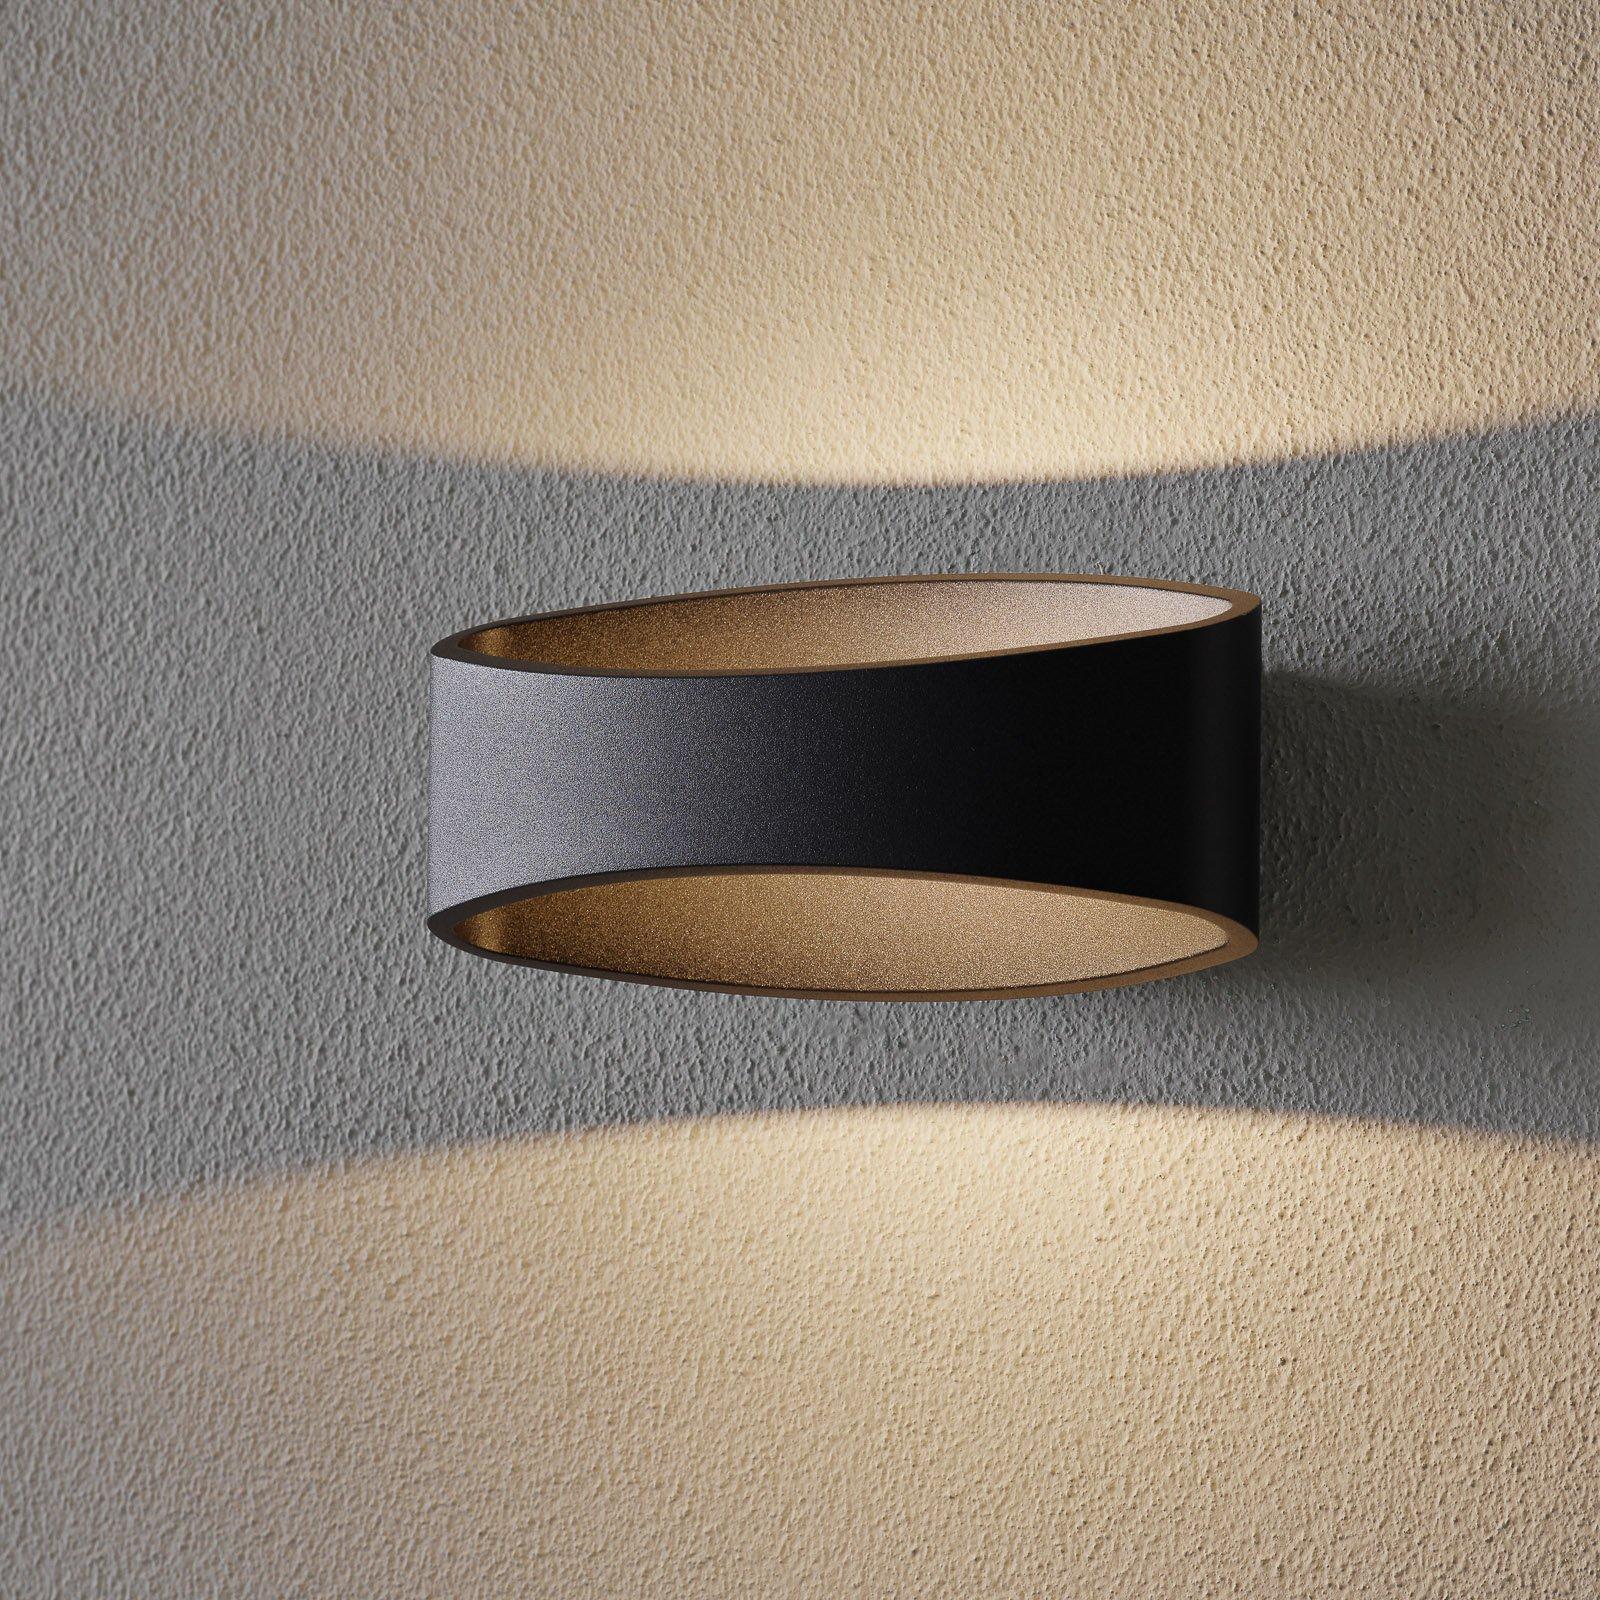 Trame LED-vegglampe, oval form i svart